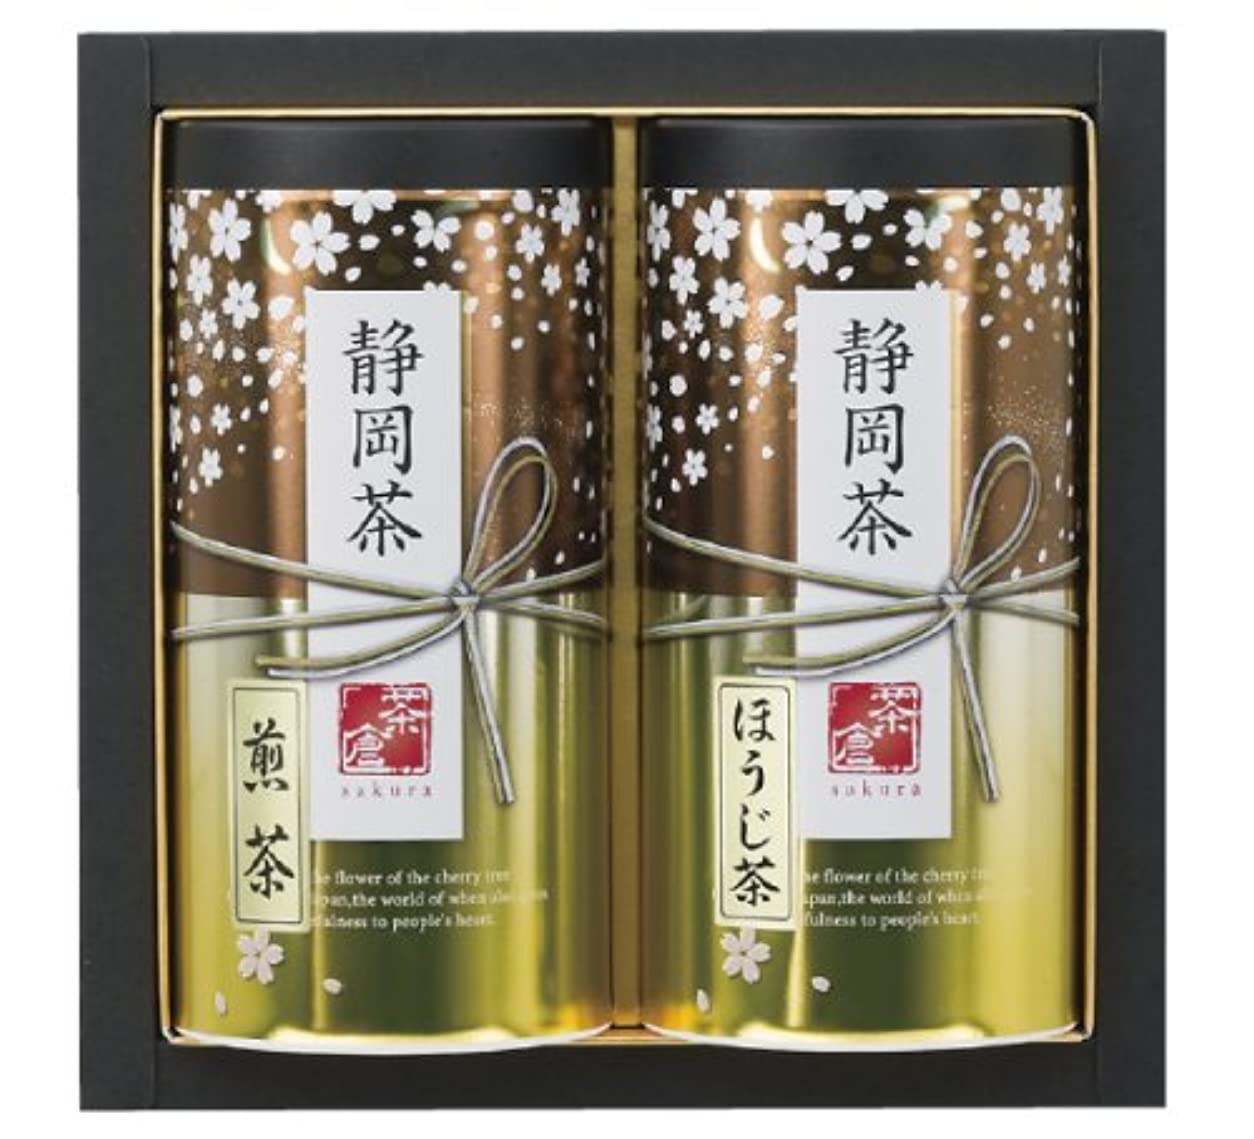 脊椎薄いスチュワード静岡茶詰合せ S-302